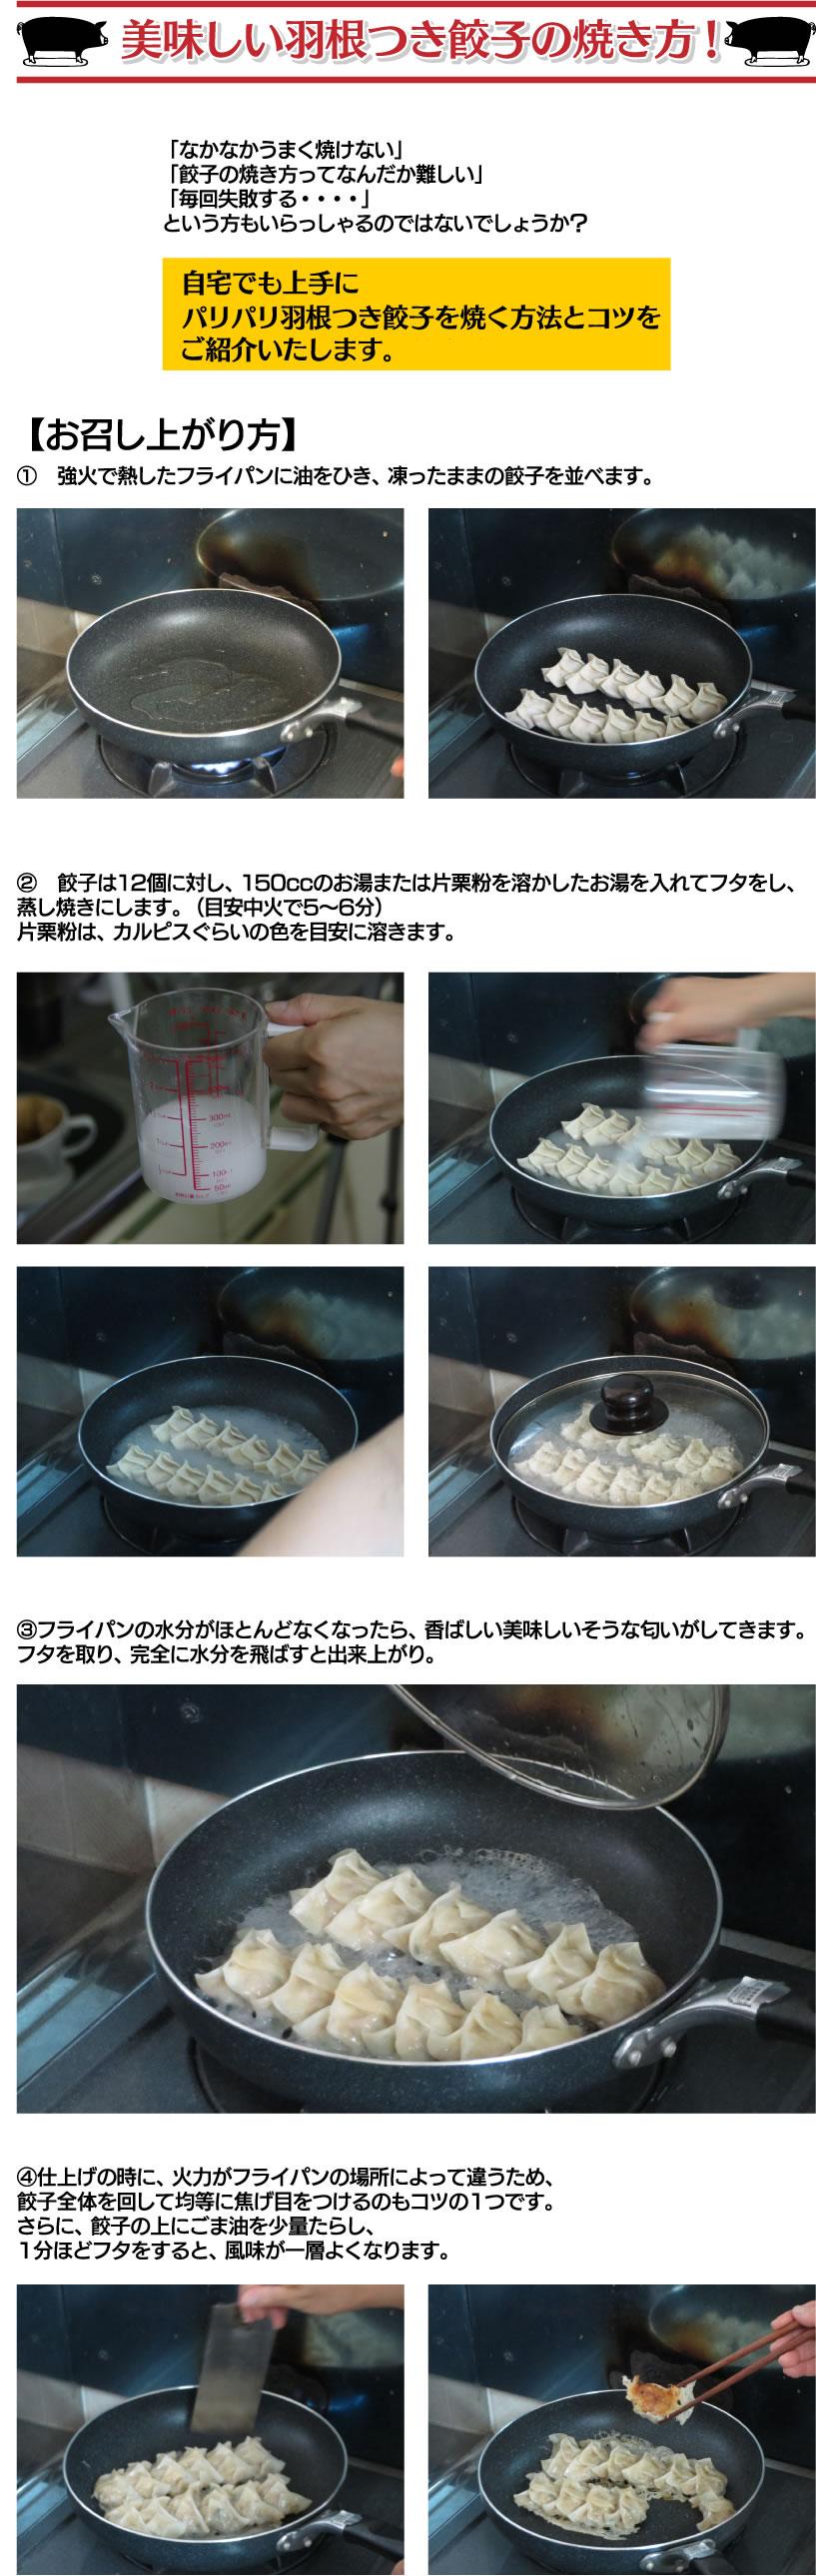 黒豚餃子の焼き方!①強火で熱したフライパンに油を引き、こおたまま餃子を並べます。